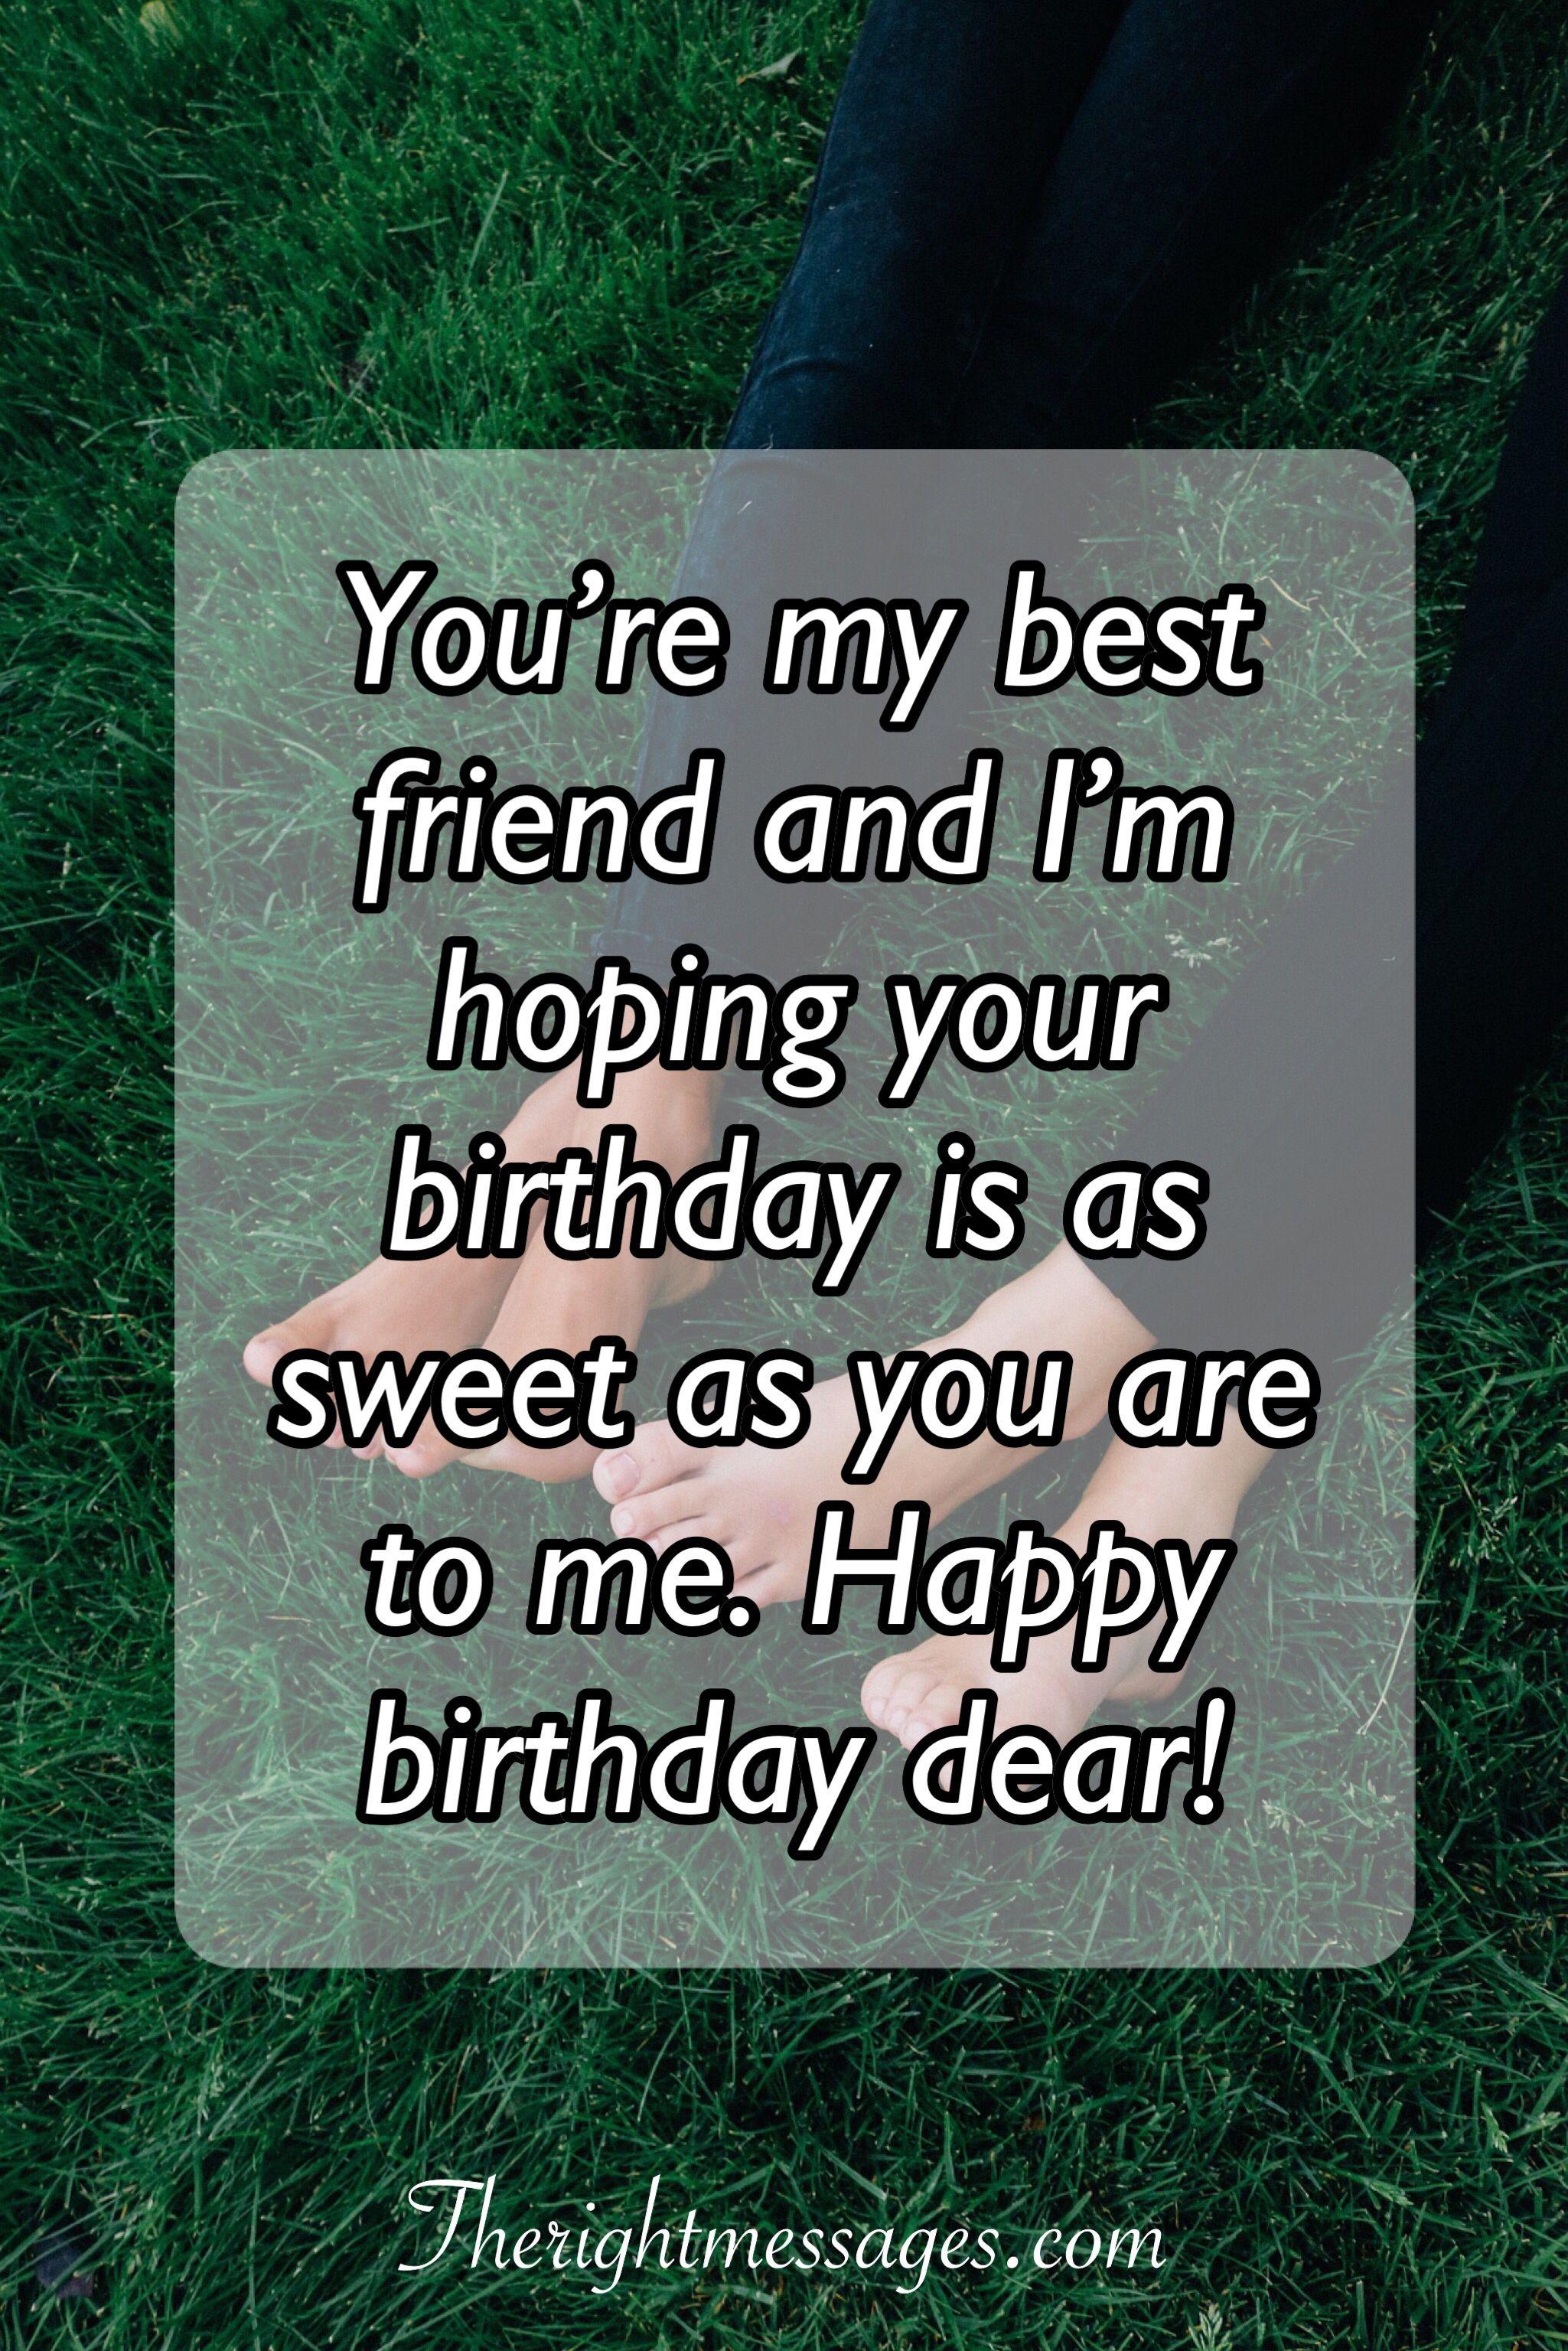 Happy Birthday Best Friend Wishes